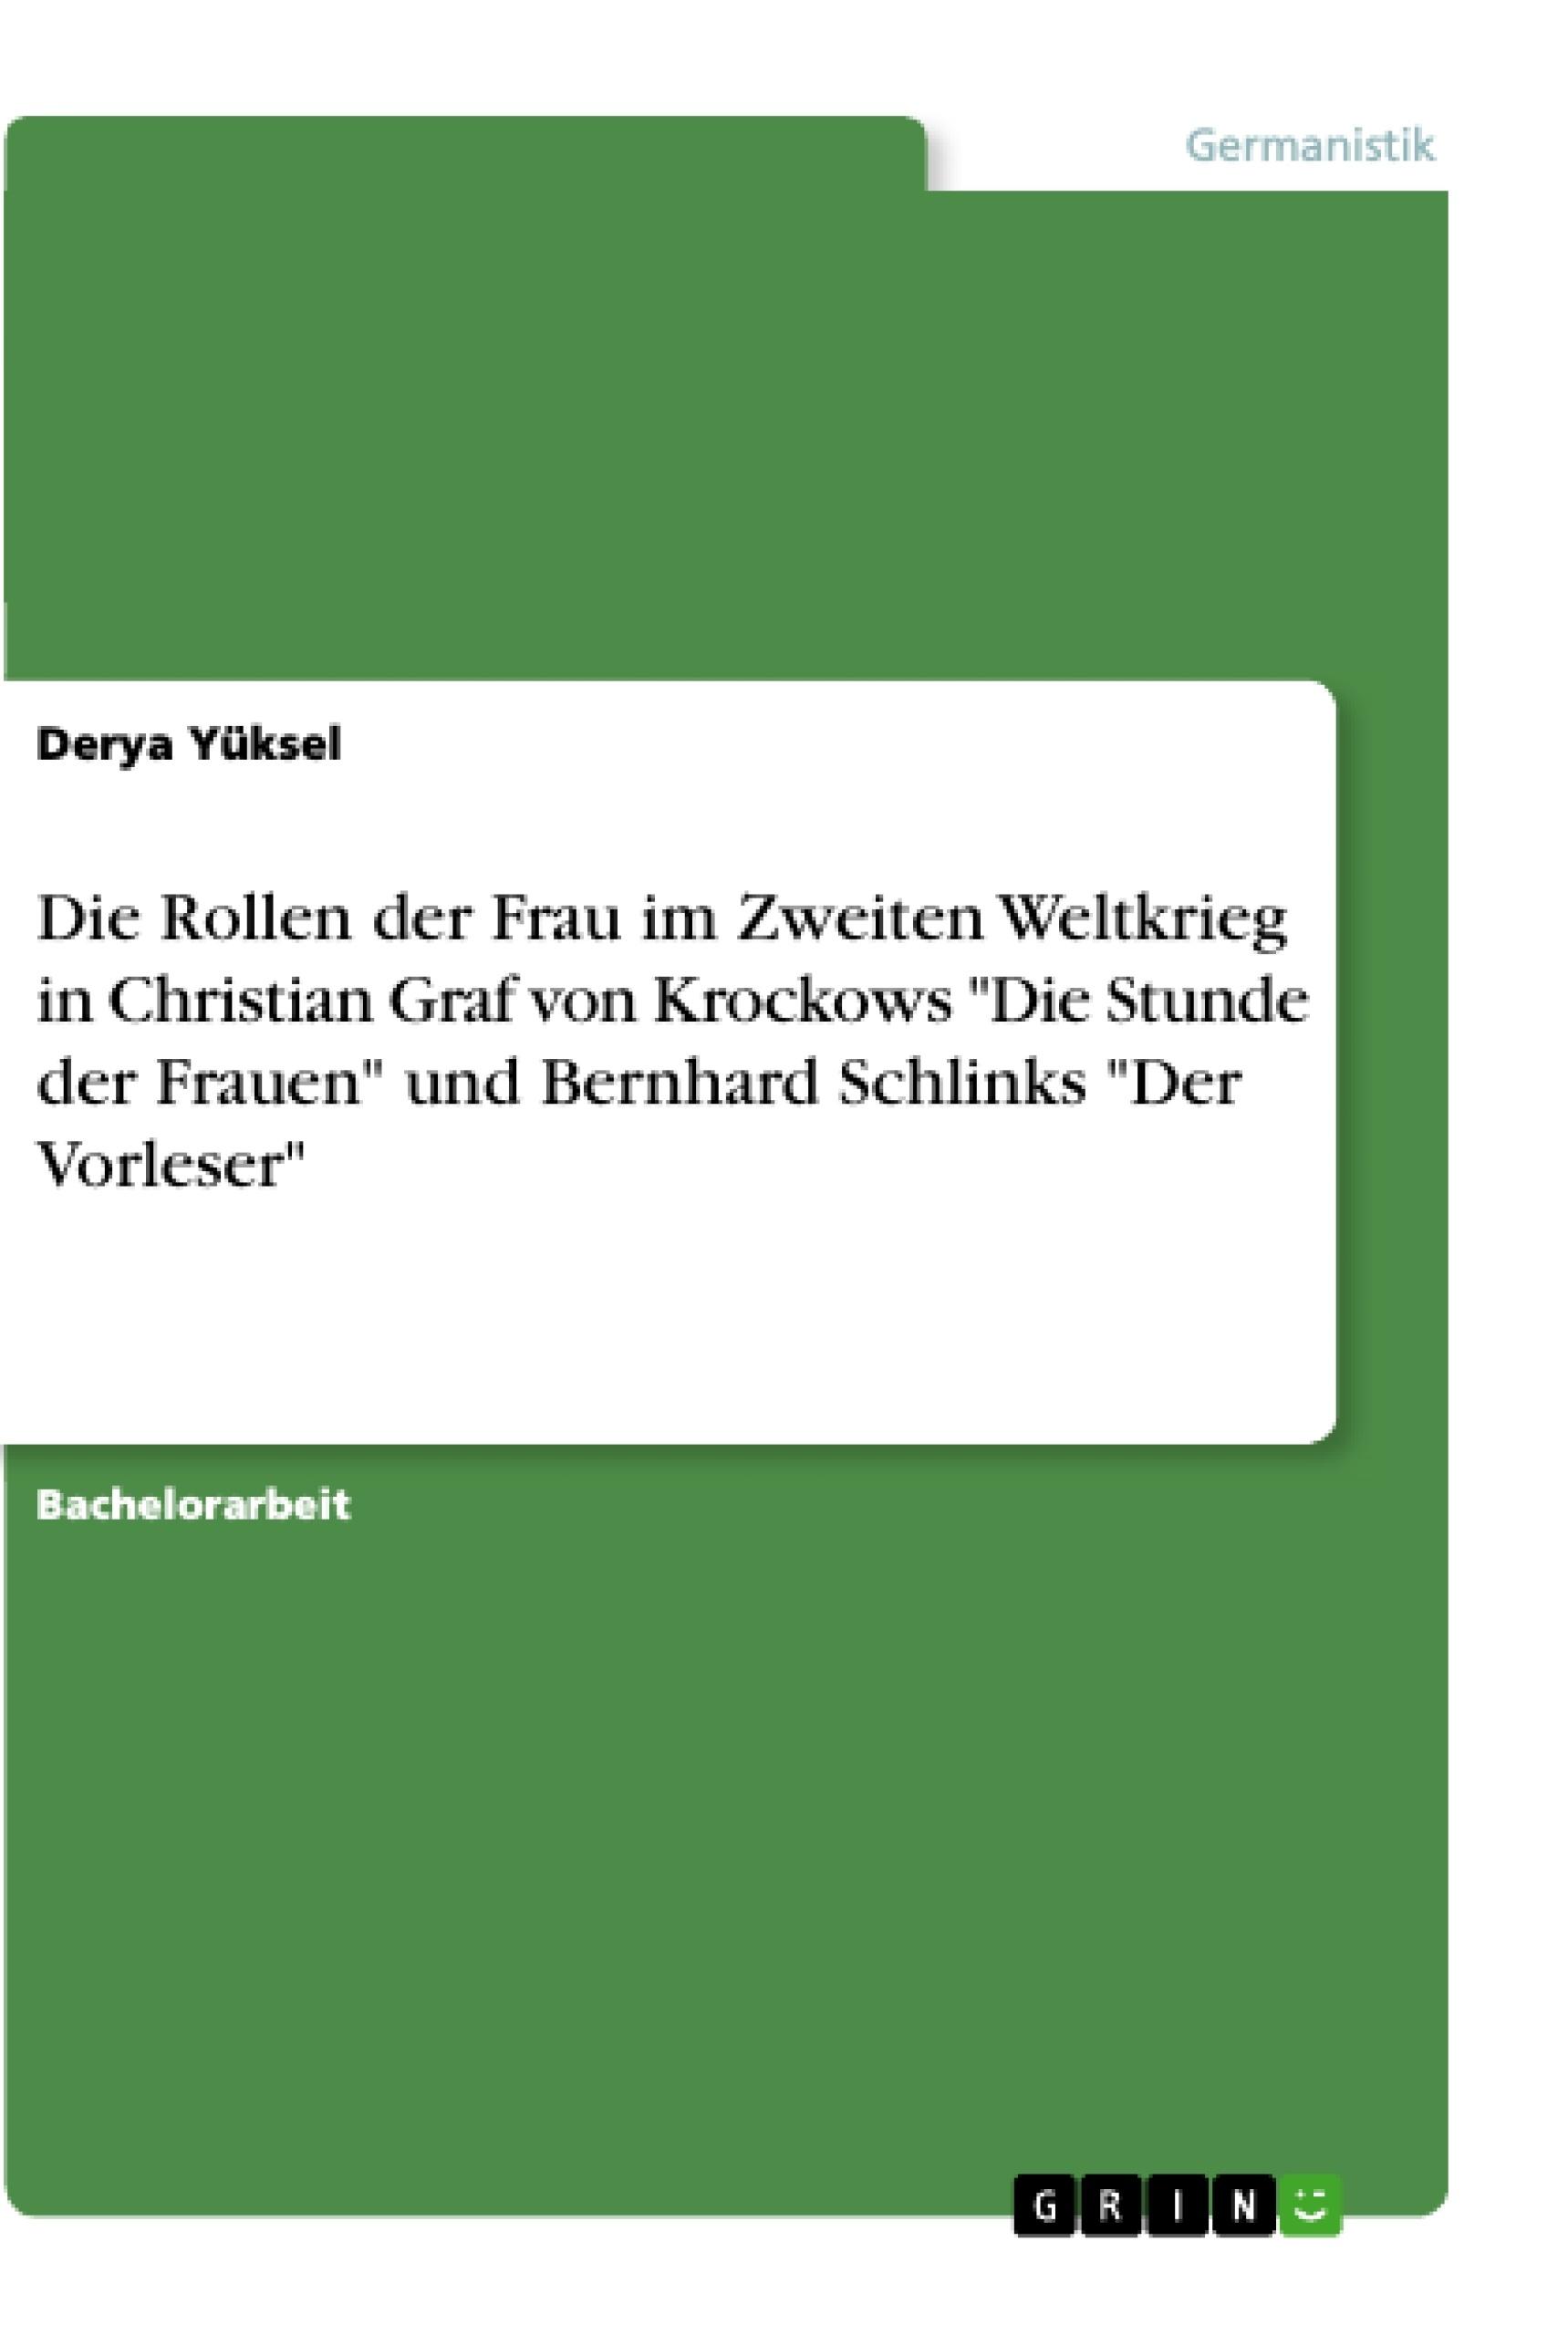 """Titel: Die Rollen der Frau im Zweiten Weltkrieg in Christian Graf von Krockows """"Die Stunde der Frauen"""" und Bernhard Schlinks """"Der Vorleser"""""""